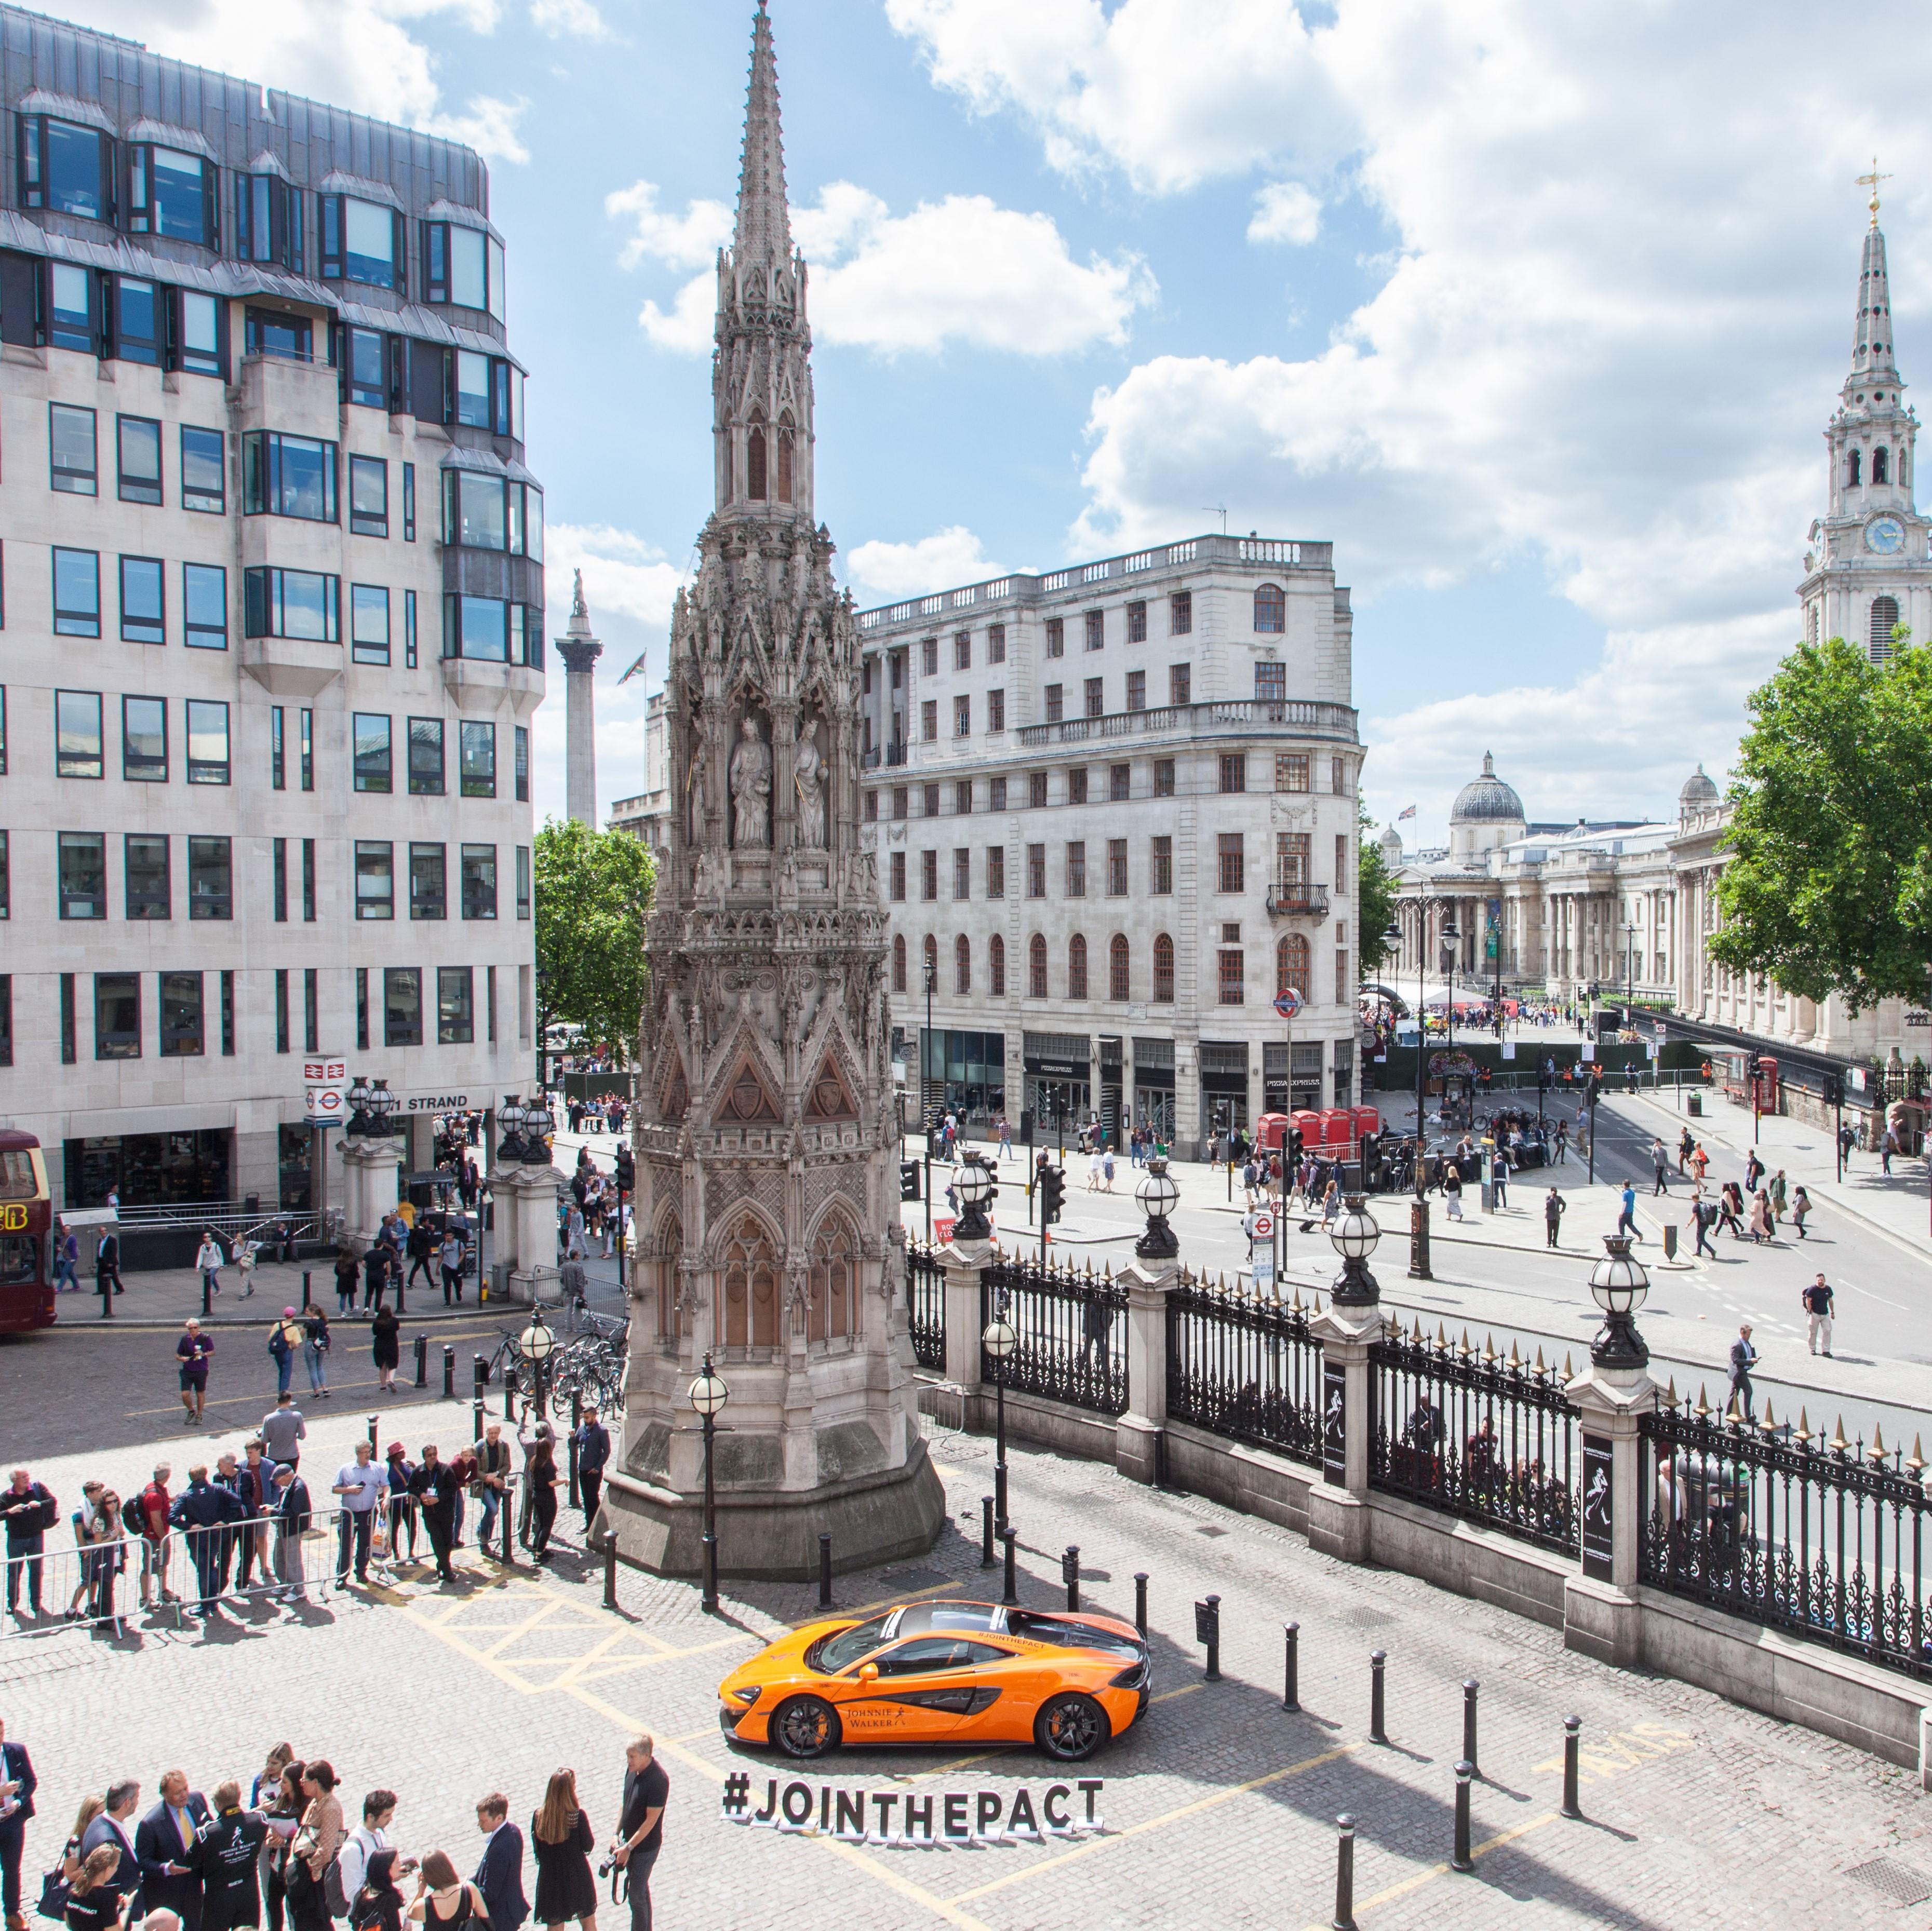 charing cross plaza hosts f1 mclaren car spaceandpeople plc